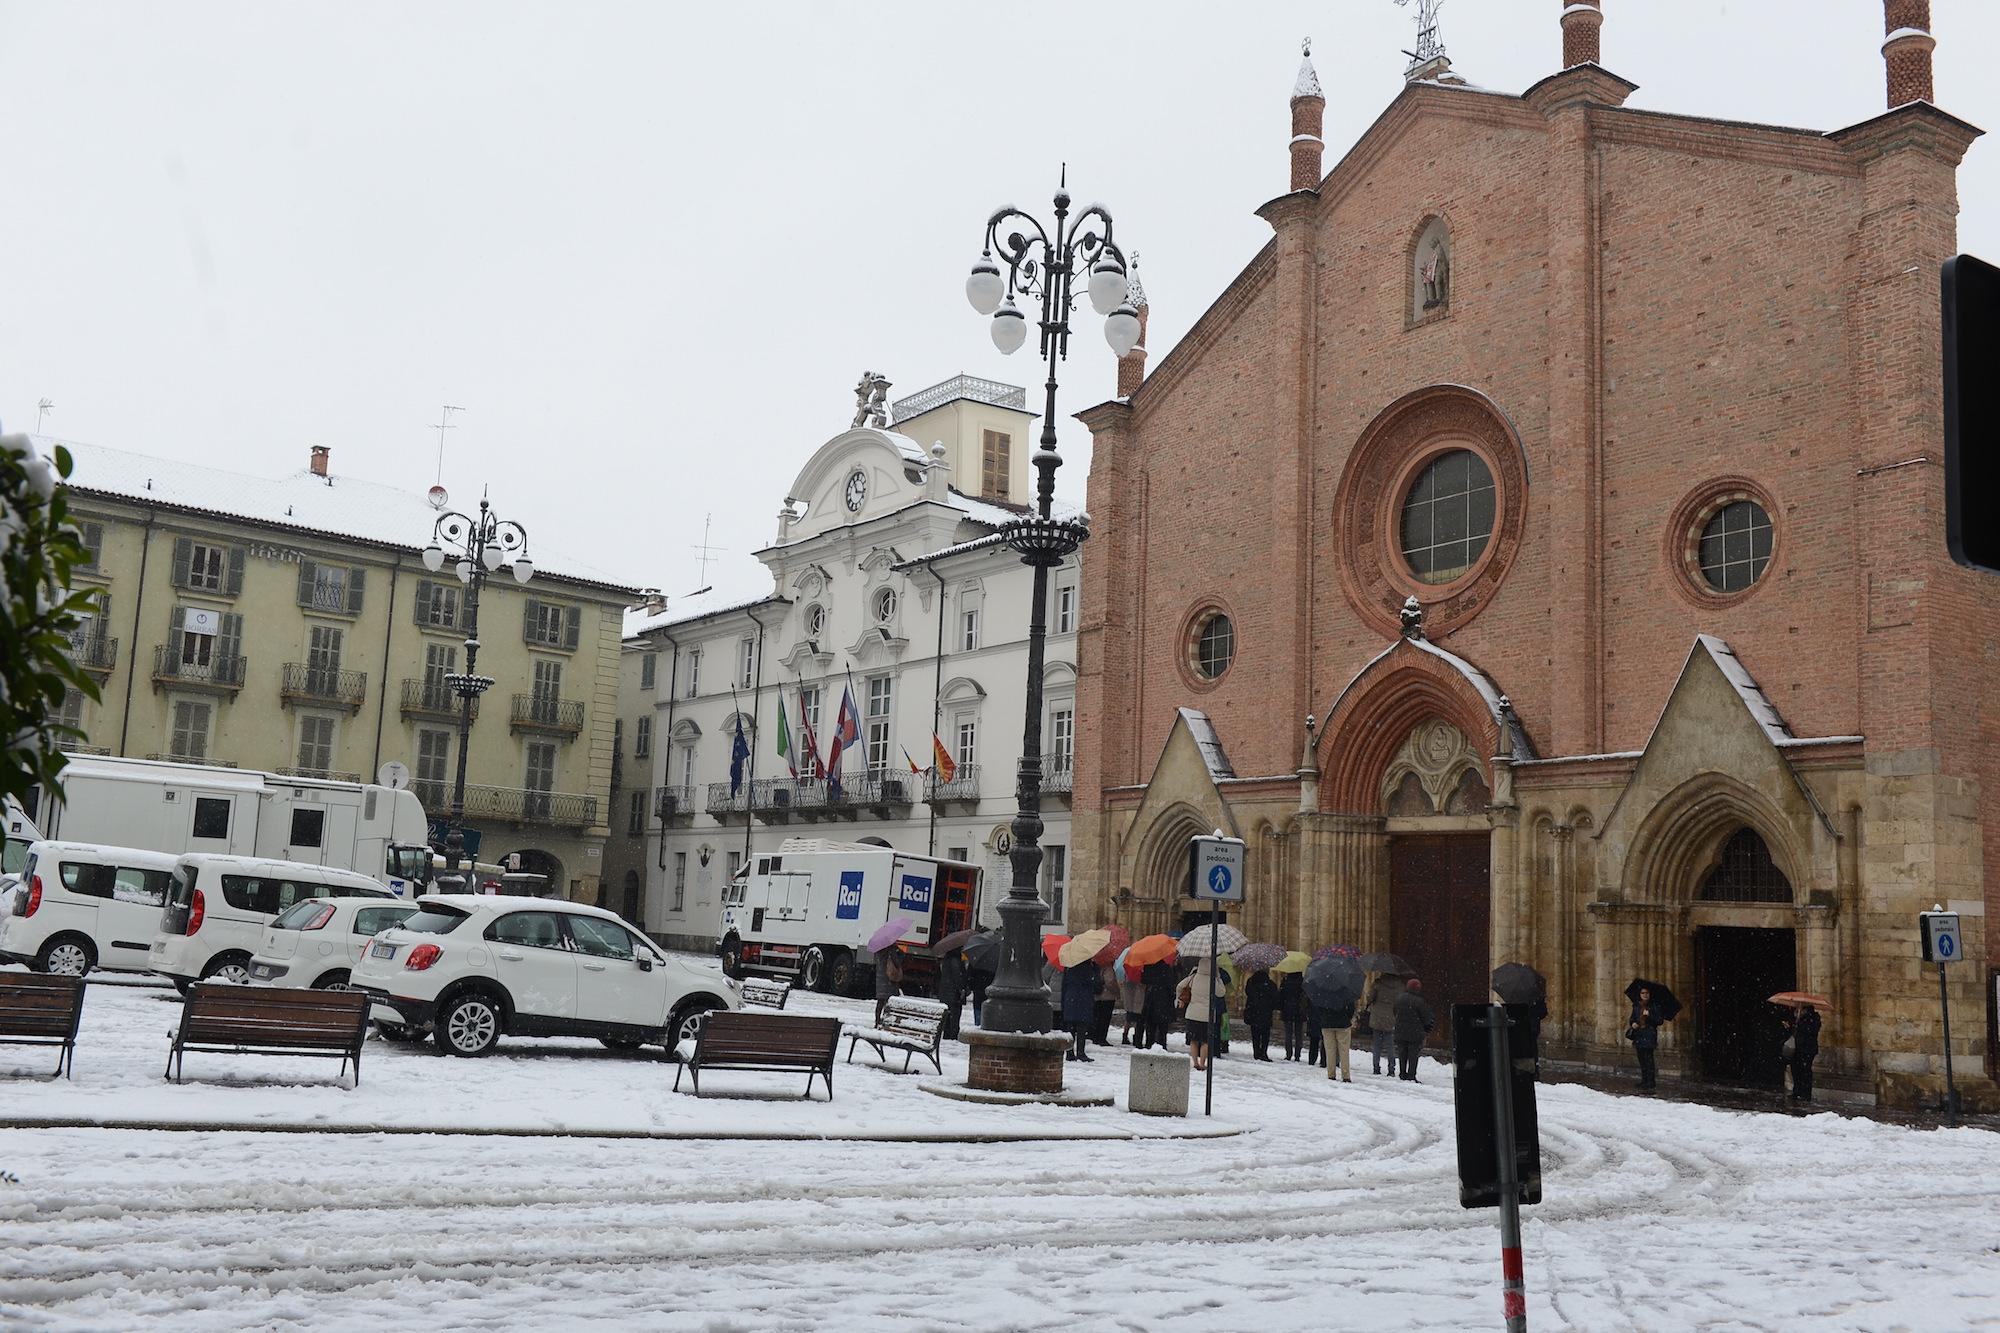 Causa neve crolla il palchetto di piazza San Secondo